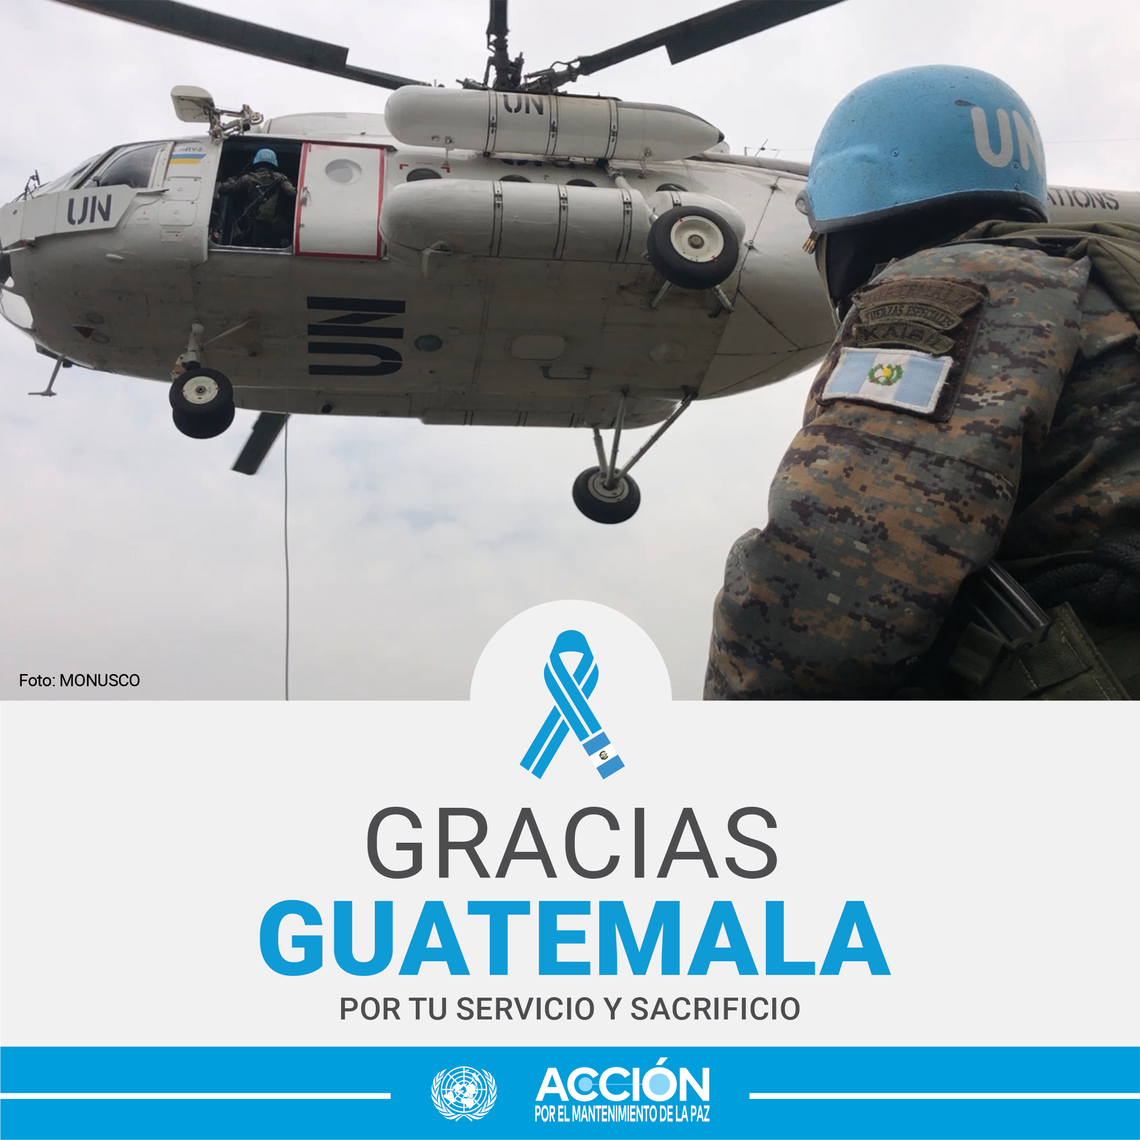 Tarjeta con un casco azul (en primer plano de espaldas) y un helicóptero en el fondo. Con el texto: Gracias, Guatemala, por tu servicio y sacrificio.